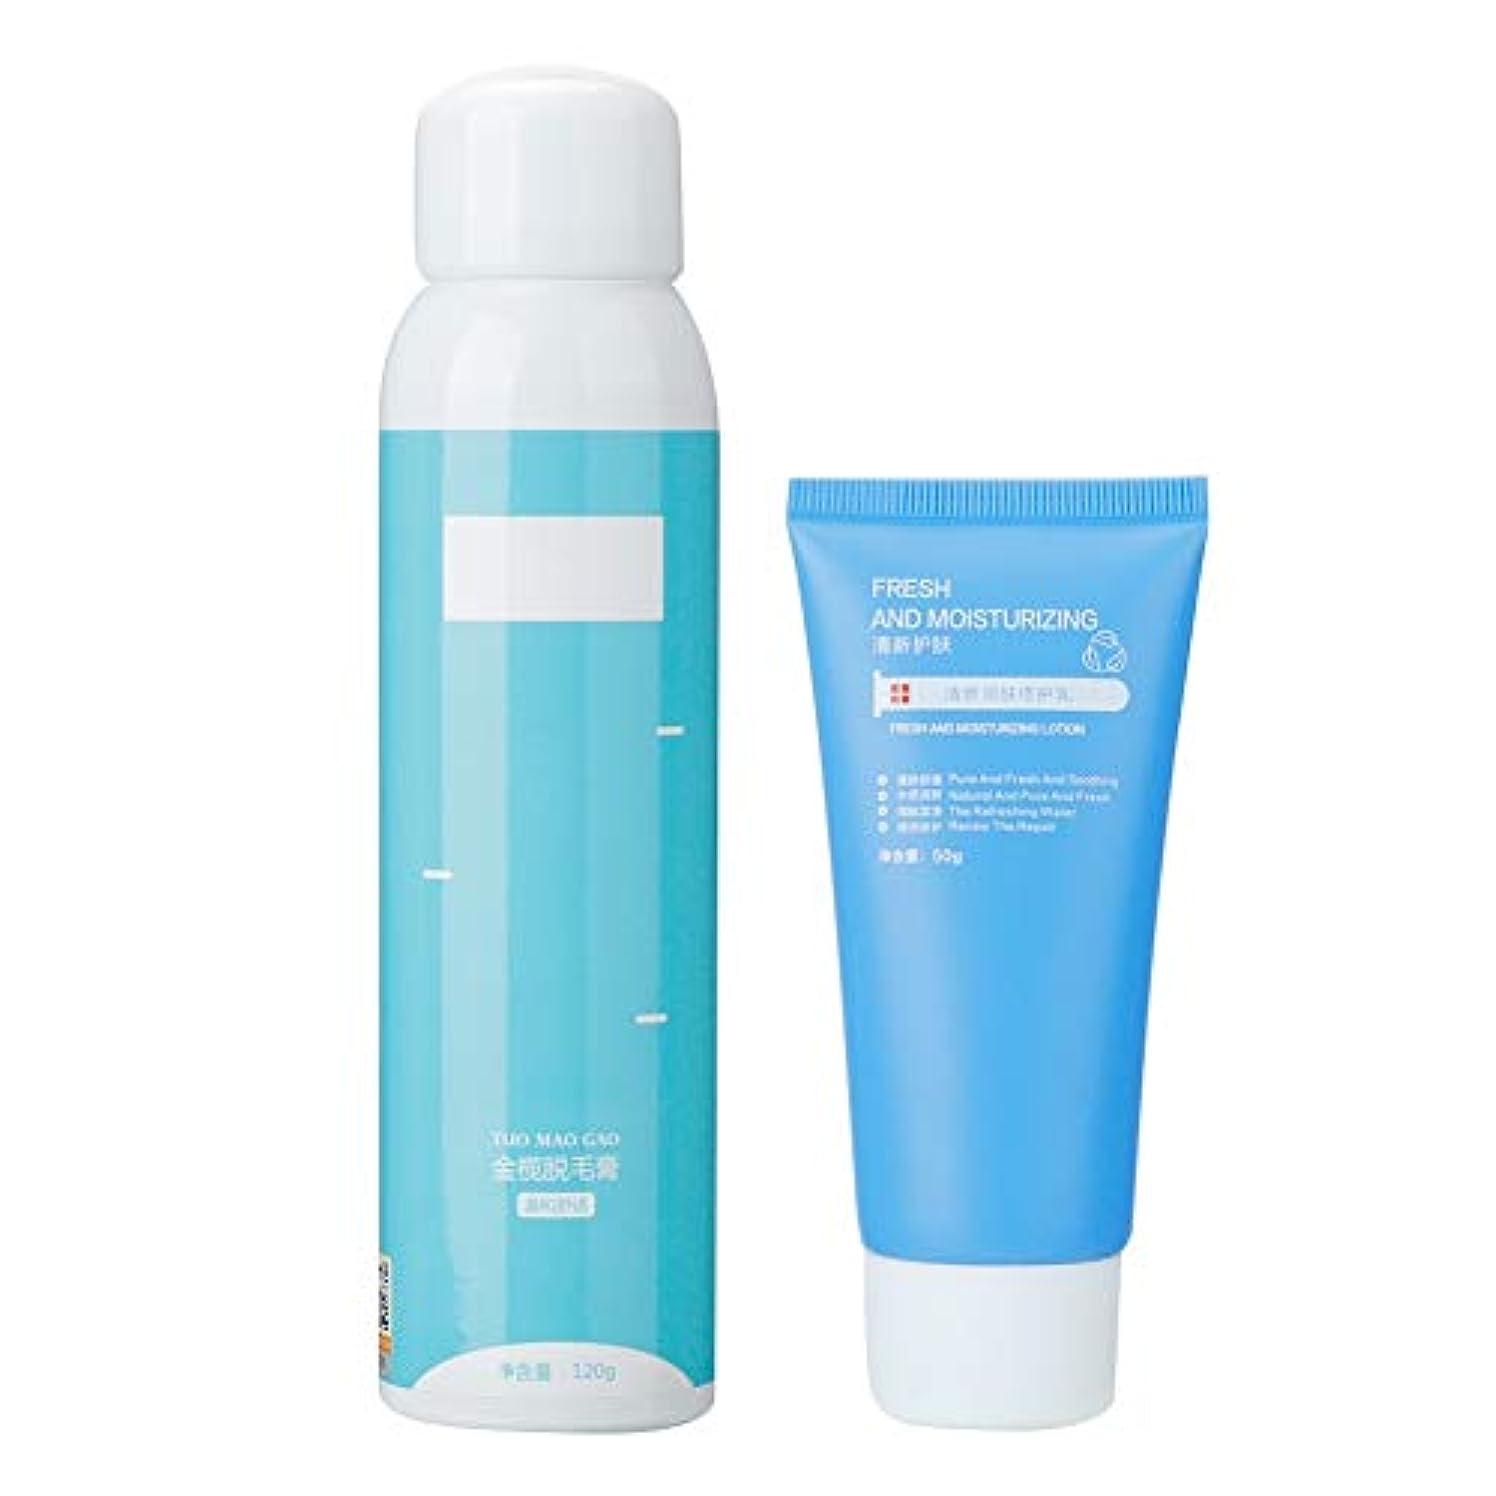 安心させる深くアブセイ脱毛スプレーセット、痛みのない脱毛クリームキット顔、腕、脚、脇の下と私用部品のための修復クリームと脱毛スプレー